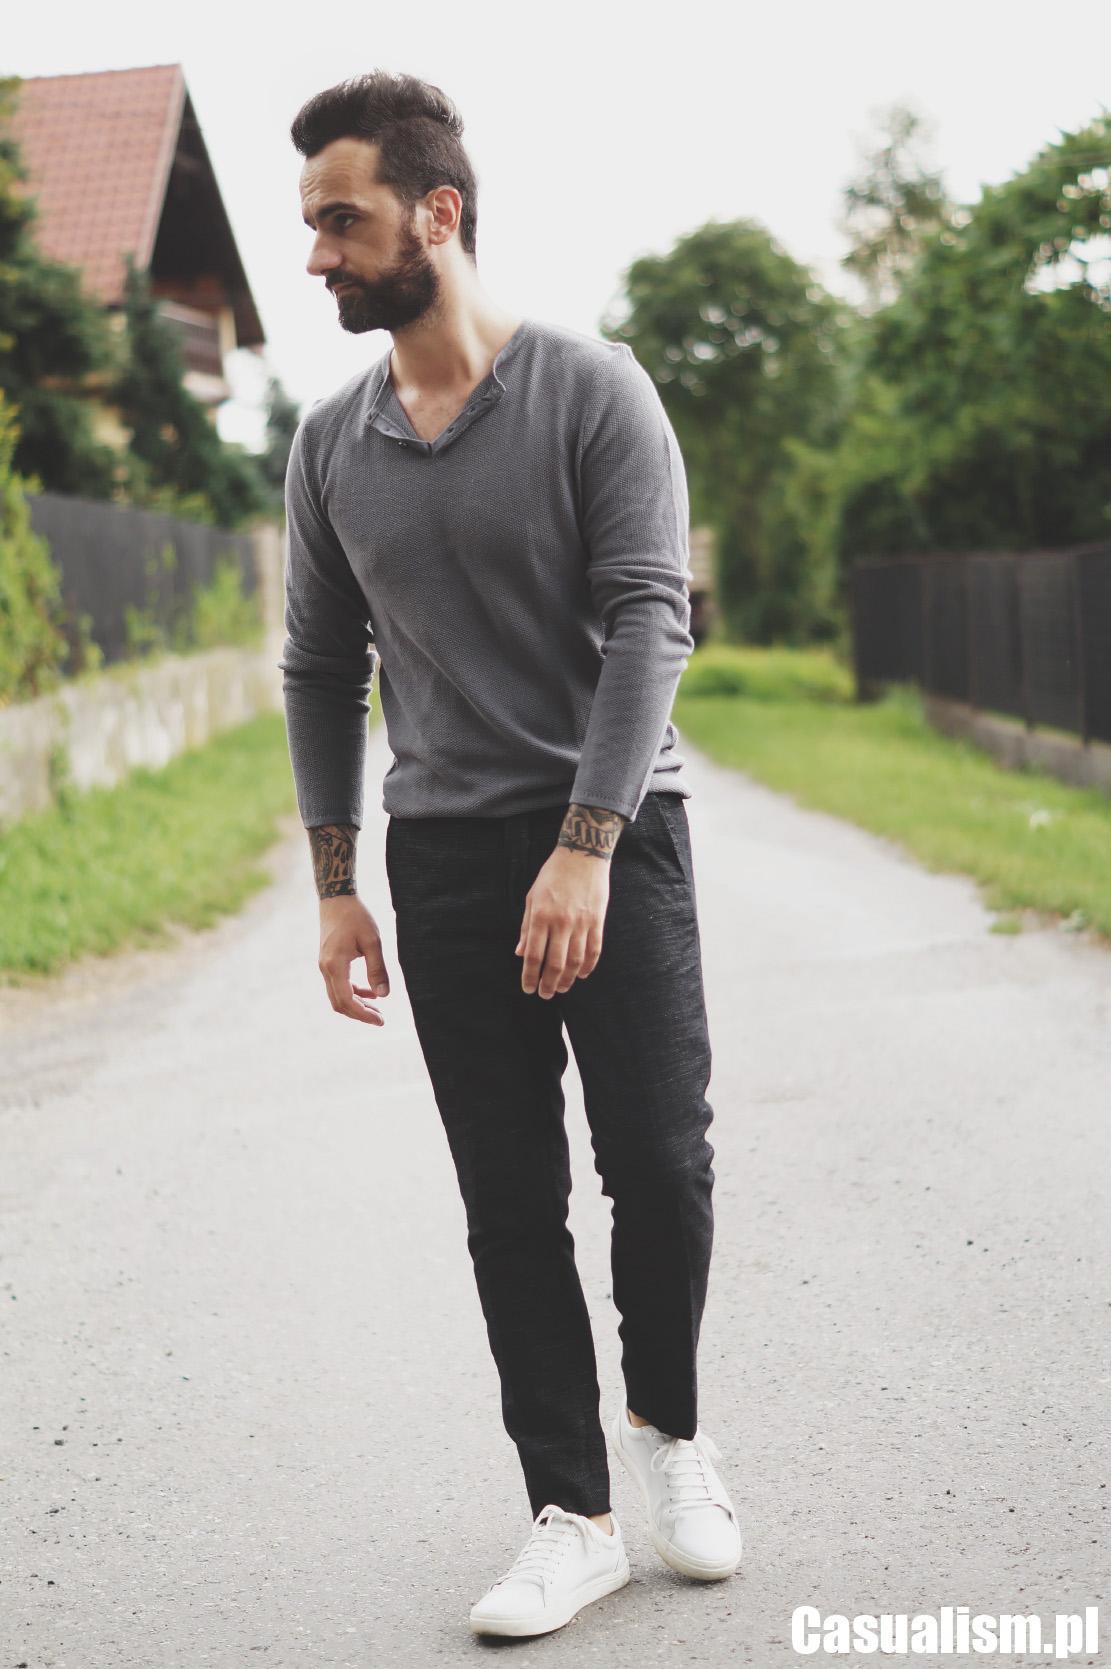 Cienki sweter męski i spodnie w kant, sweter męski cienki, sweter do spodni, jaki sweter dla faceta, szary męski sweter